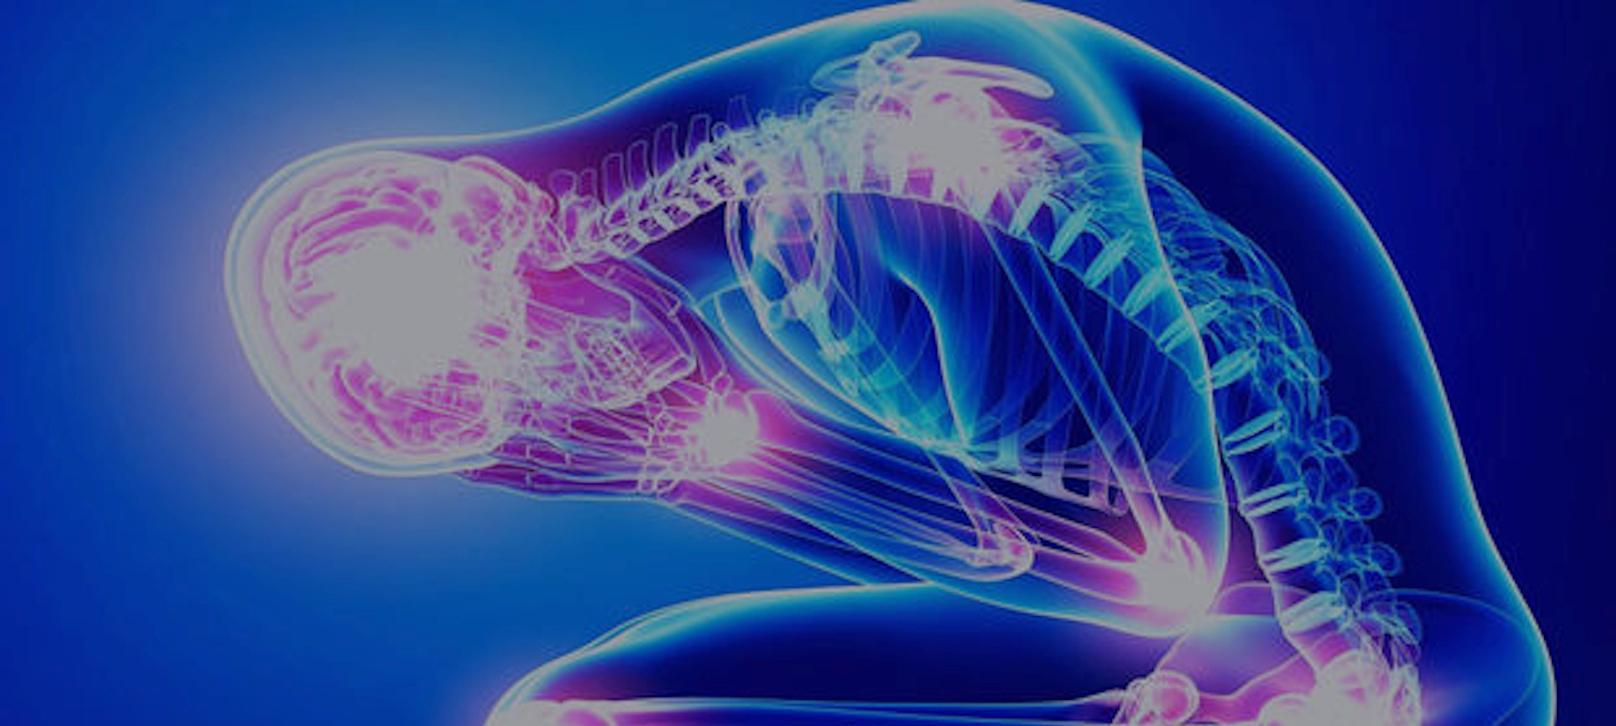 Malattie reumatiche: consigli, terapie e... Covid come fattore scatenante?